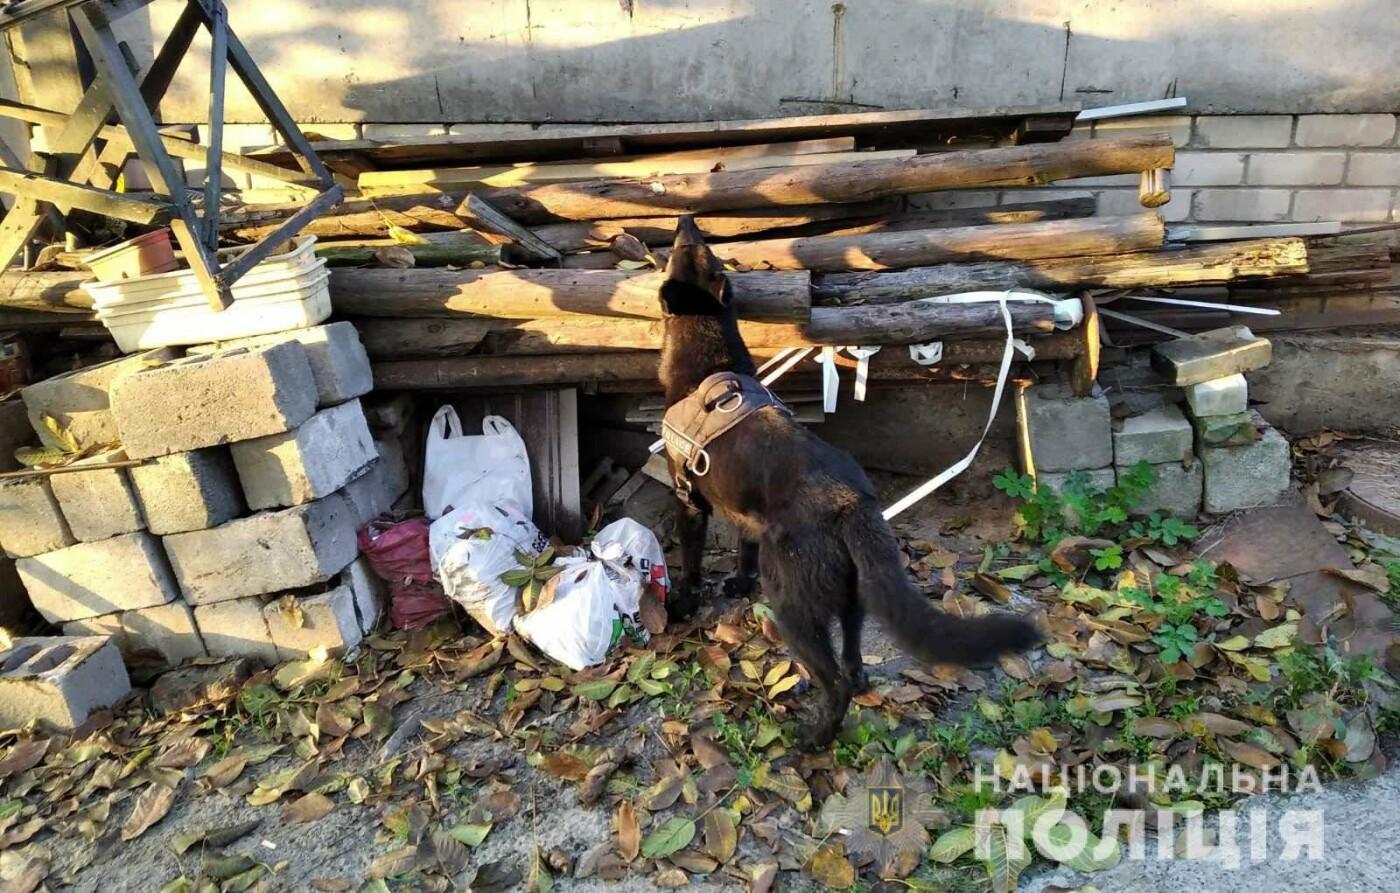 В Днепре служебный пес помог полиции обнаружить оружие и наркотики, - ФОТО, фото-3